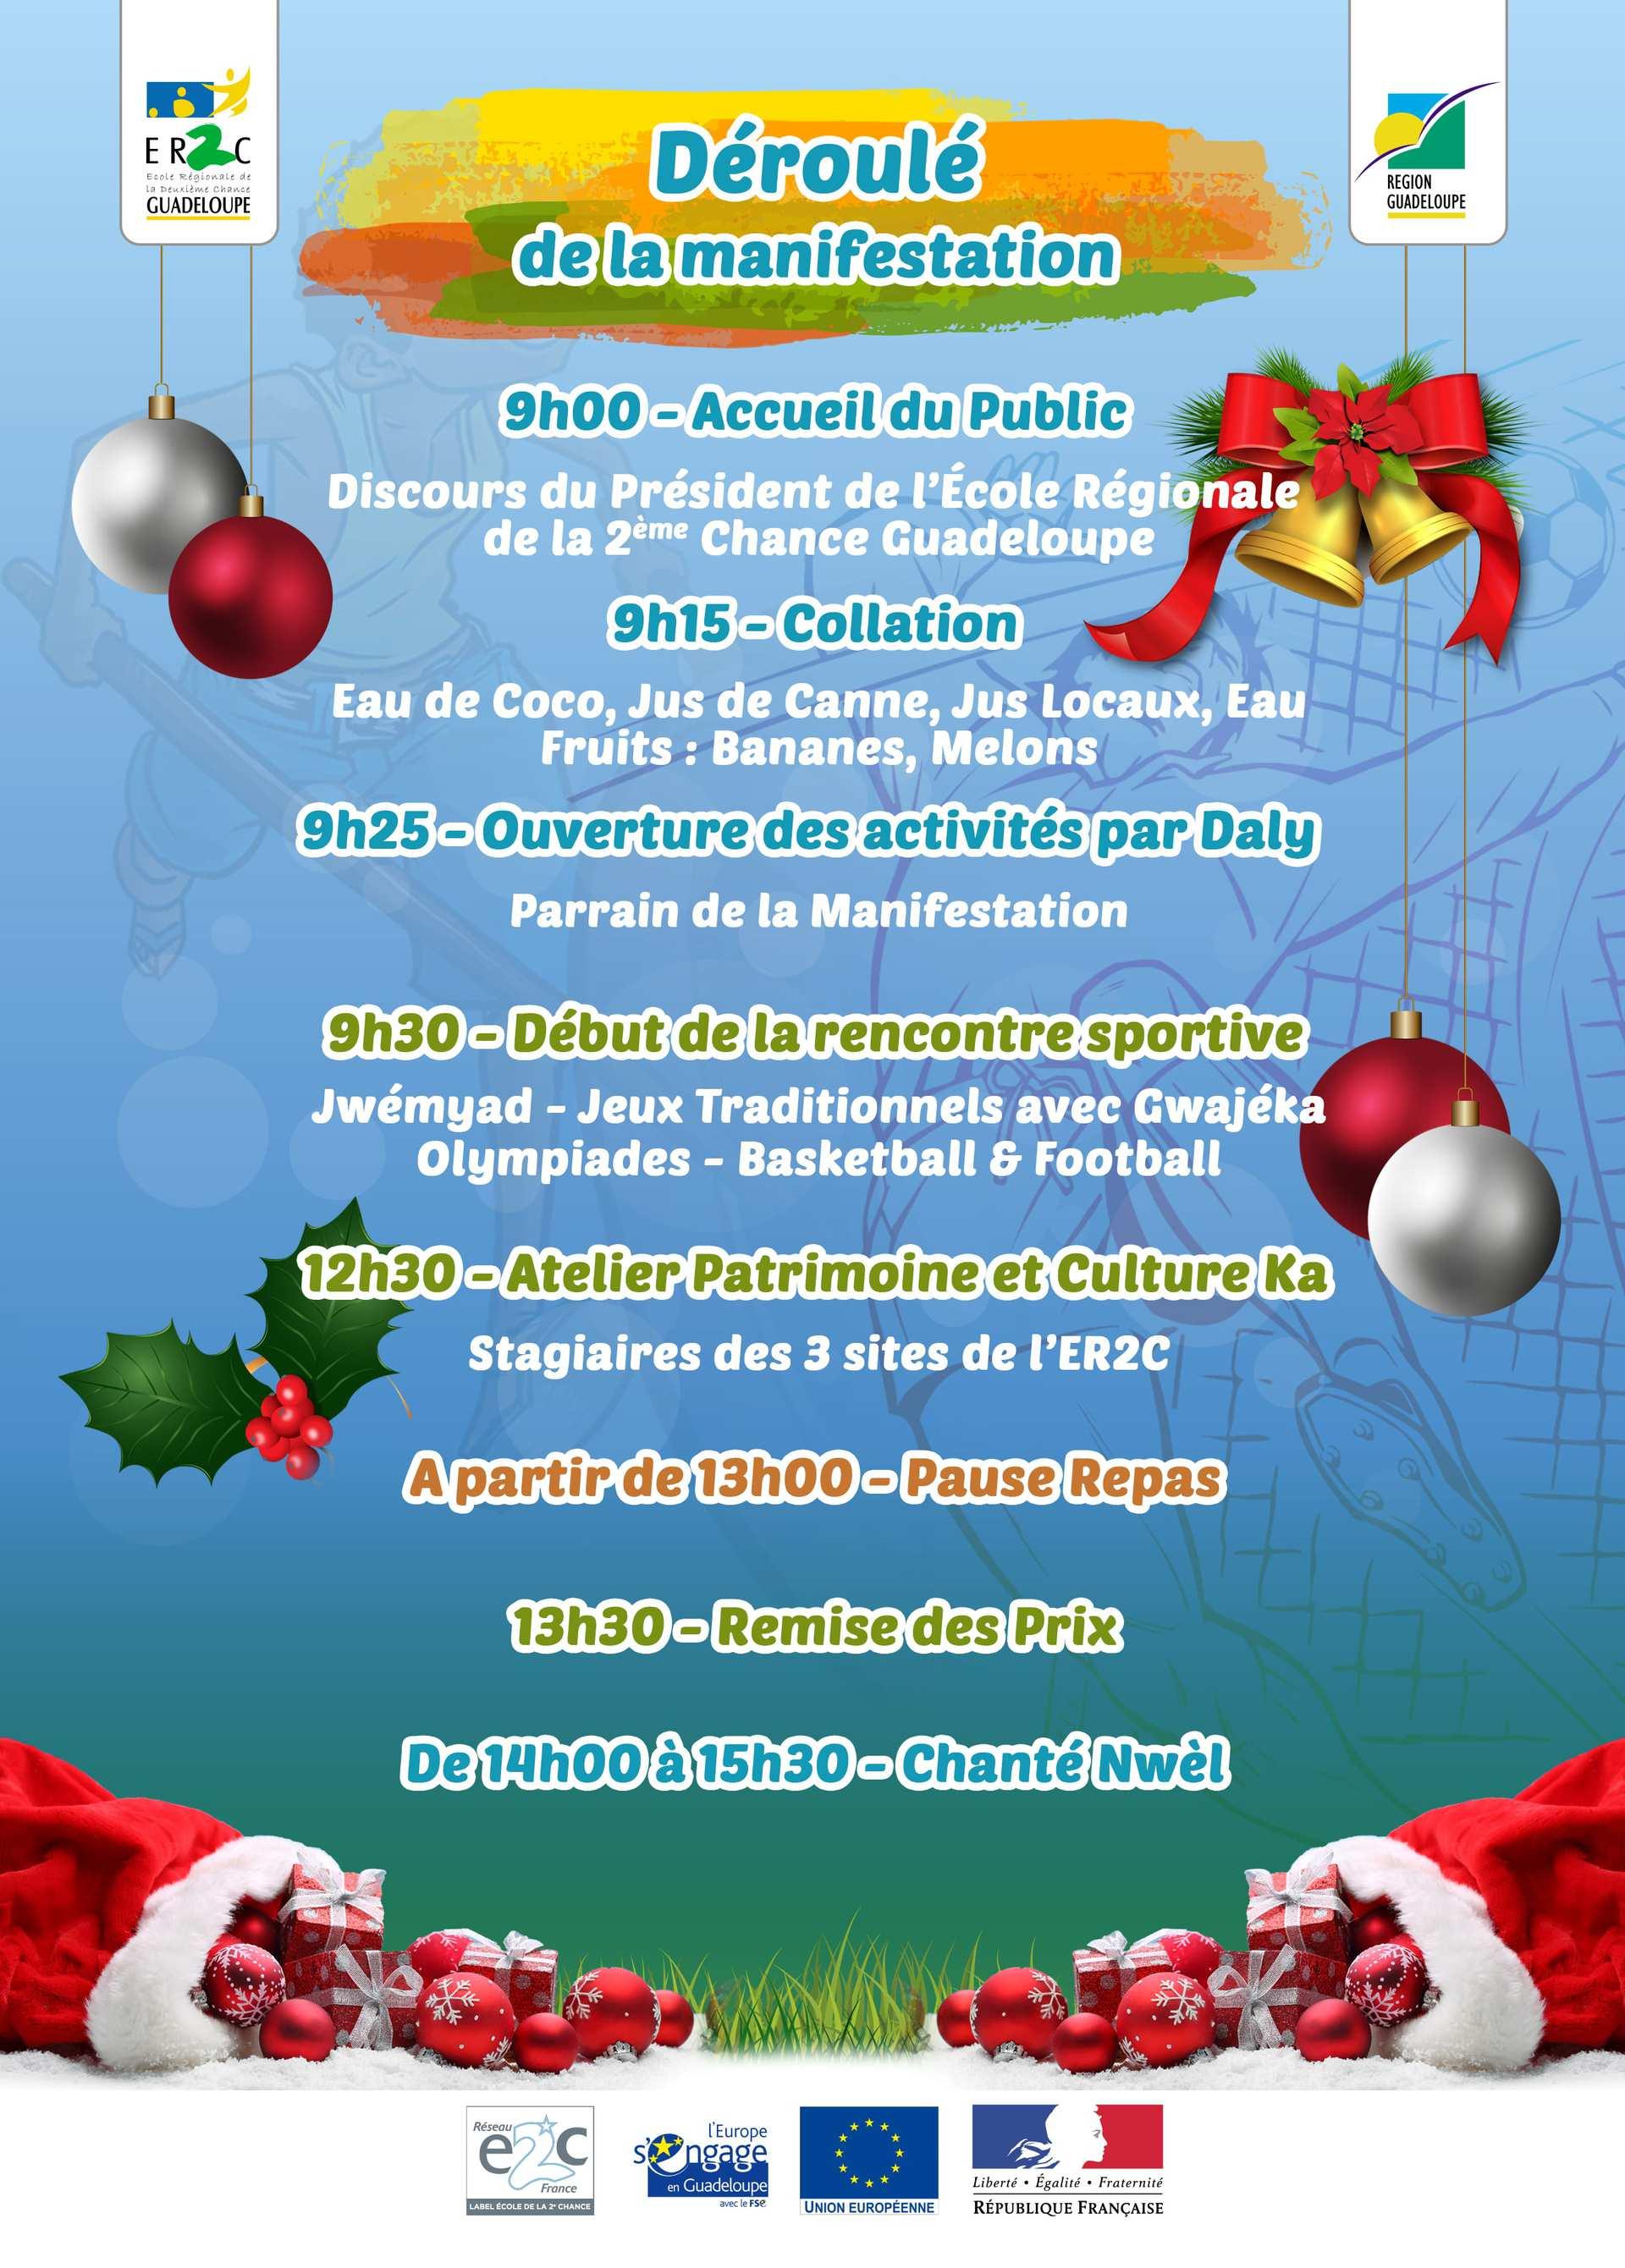 Rencontre Guadeloupe - Site de rencontre gratuit Guadeloupe